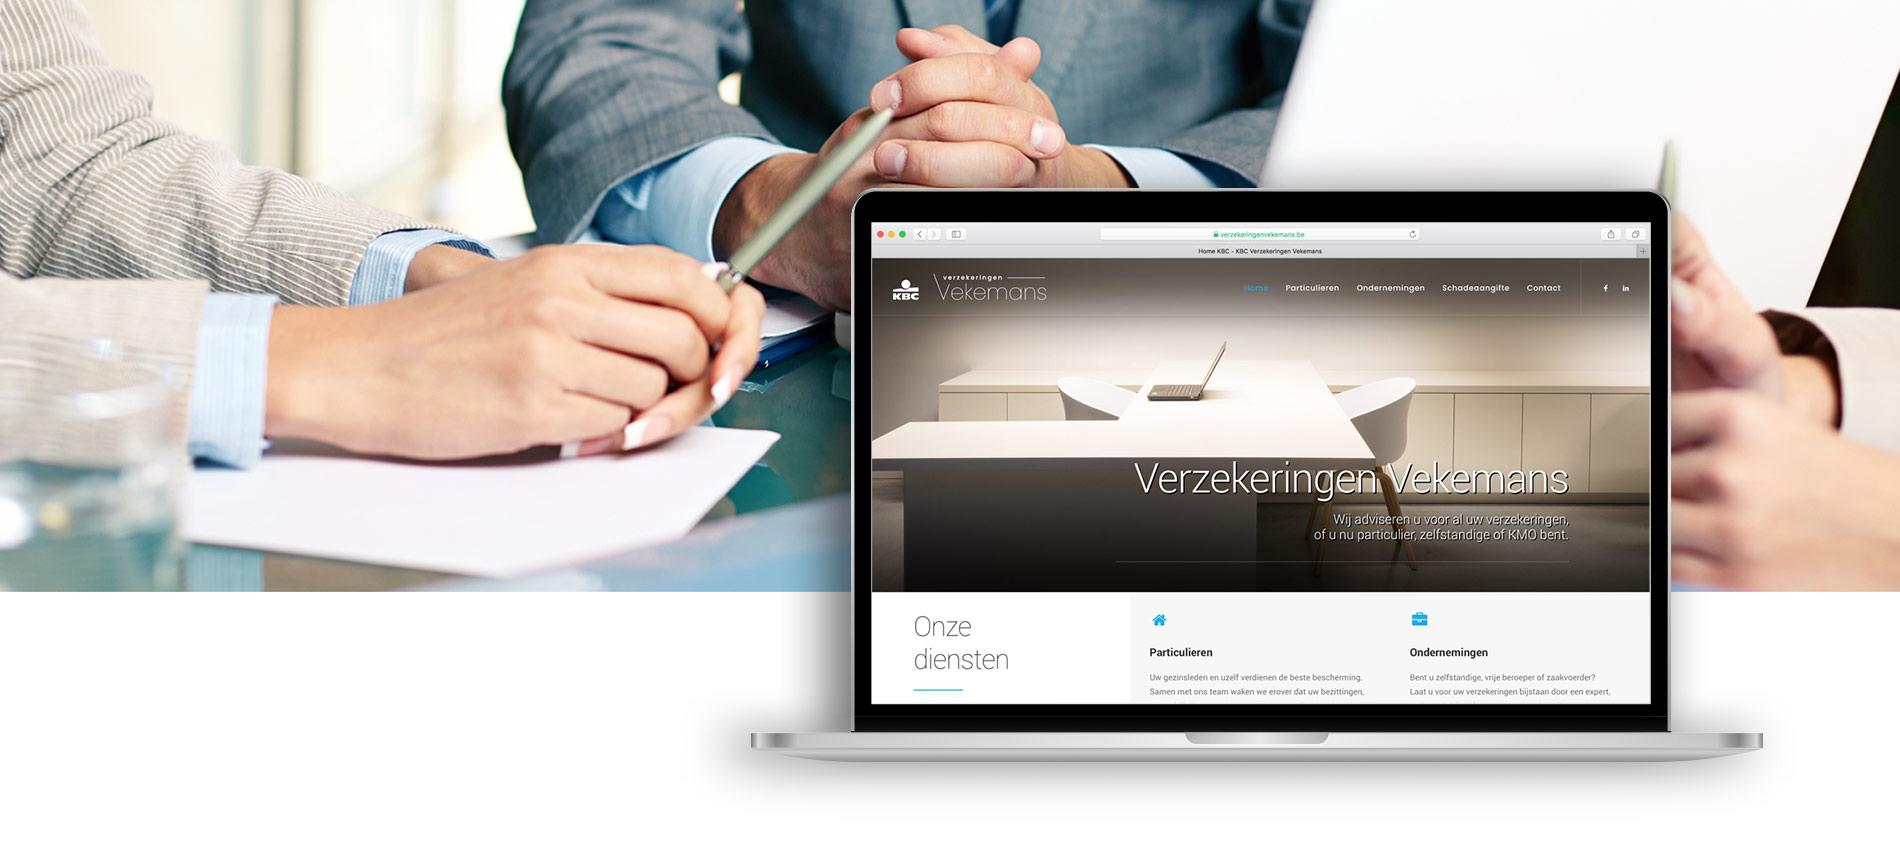 Voorbeeld van website design KBC verzekeringen vekamans